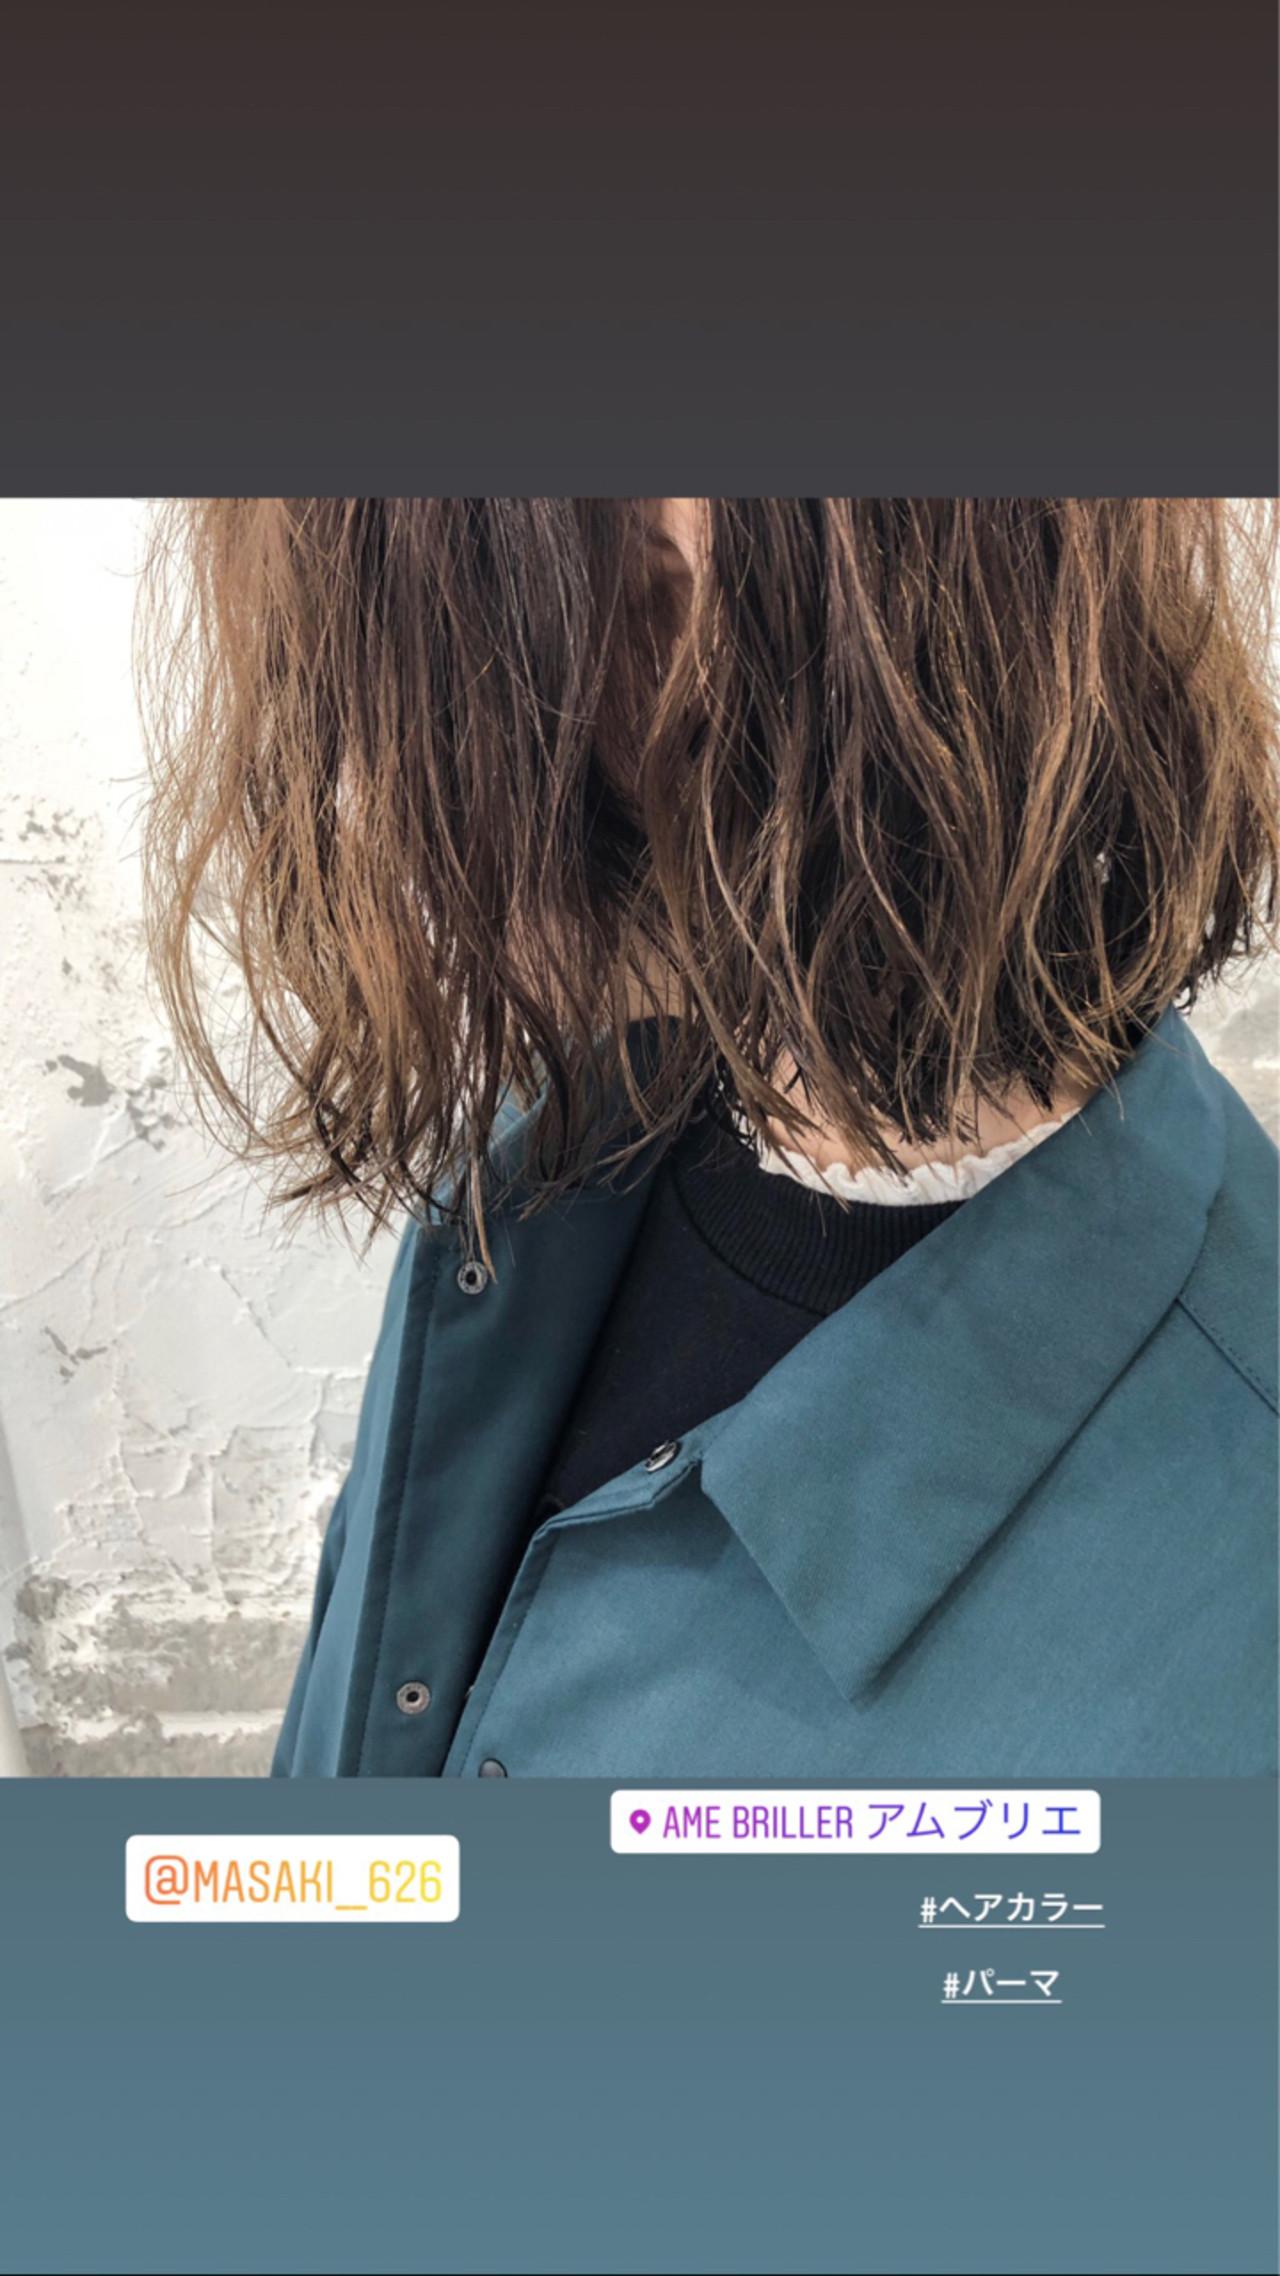 ゆるふわ 外国人風 ウェーブ パーマ ヘアスタイルや髪型の写真・画像 | 篠田 雅樹 / Ame briller 【アムブリエ】